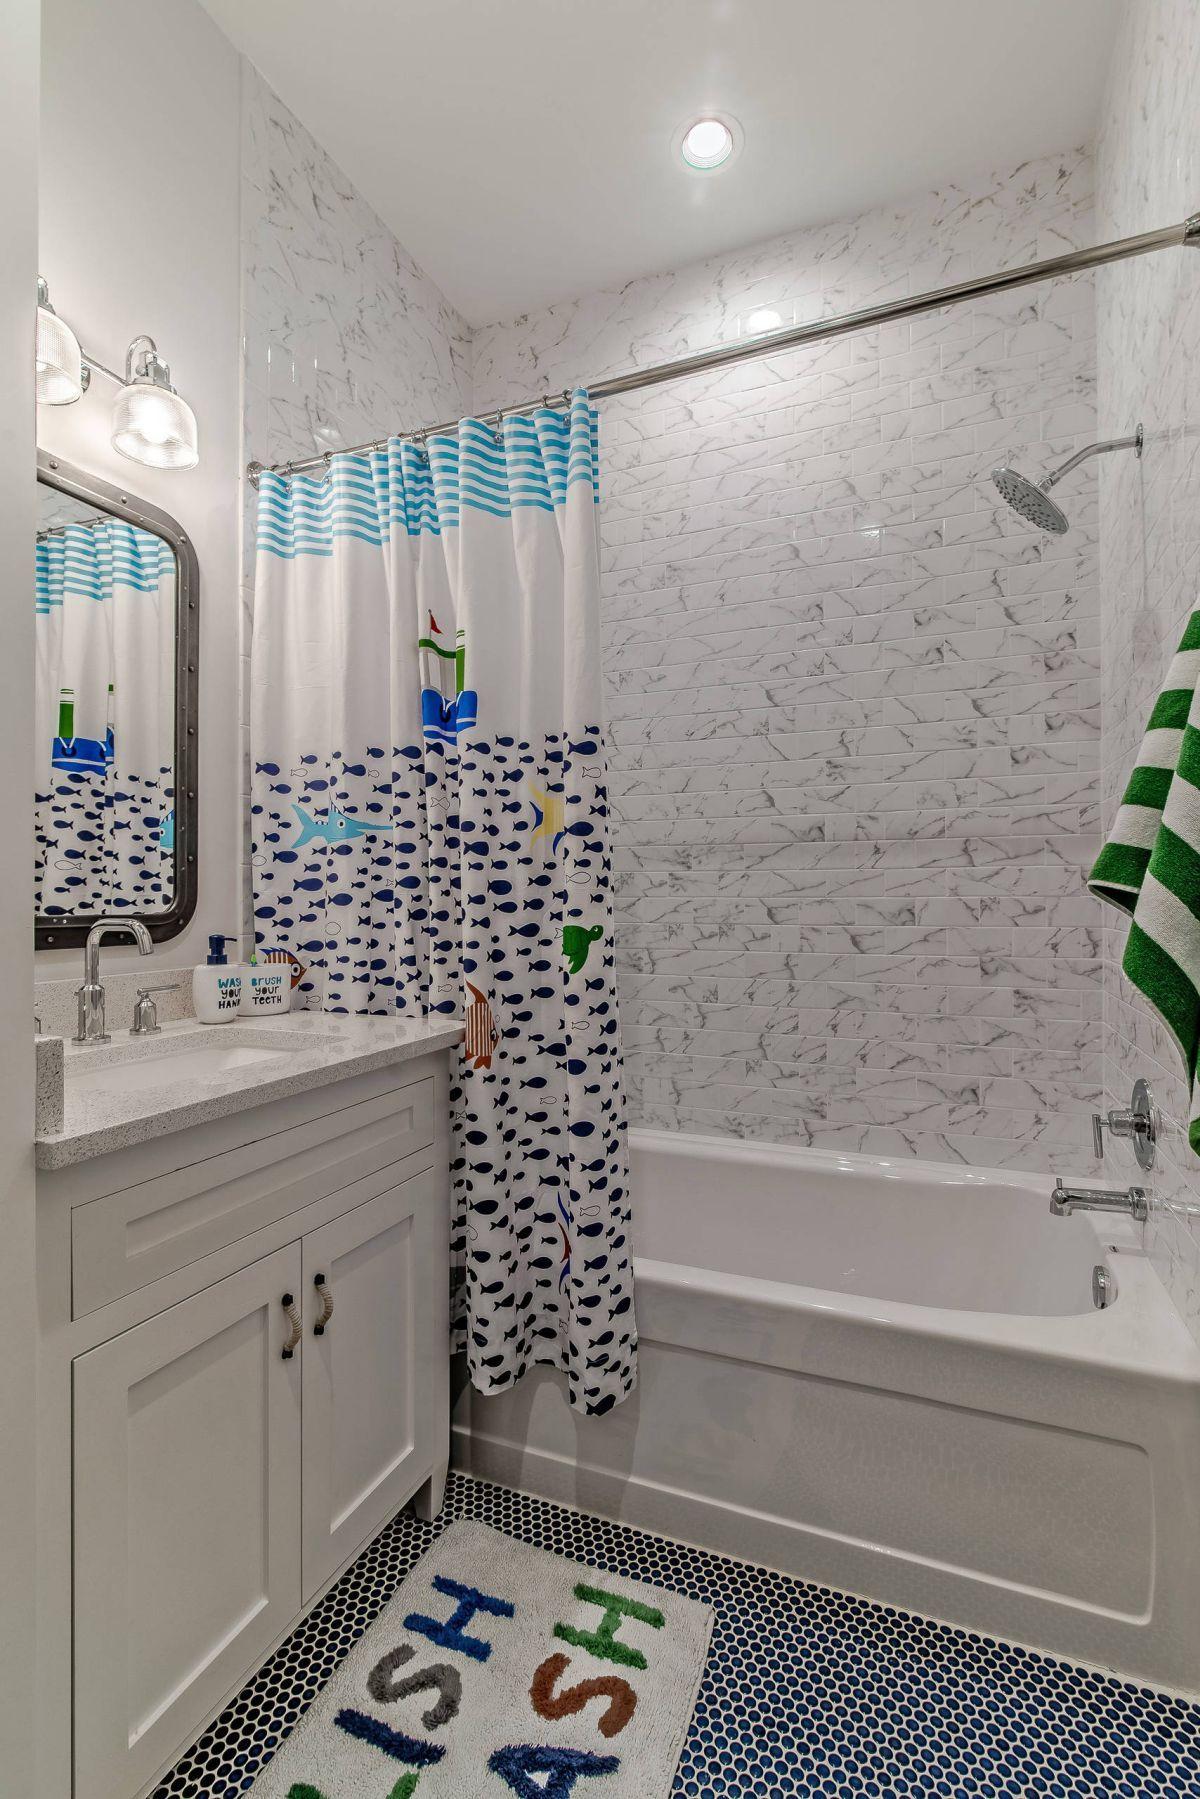 12 Tipps Fur Die Besten Kinder Badezimmer Dekor In 2020 Kinder Badezimmer Badezimmer Dekor Kind Badezimmer